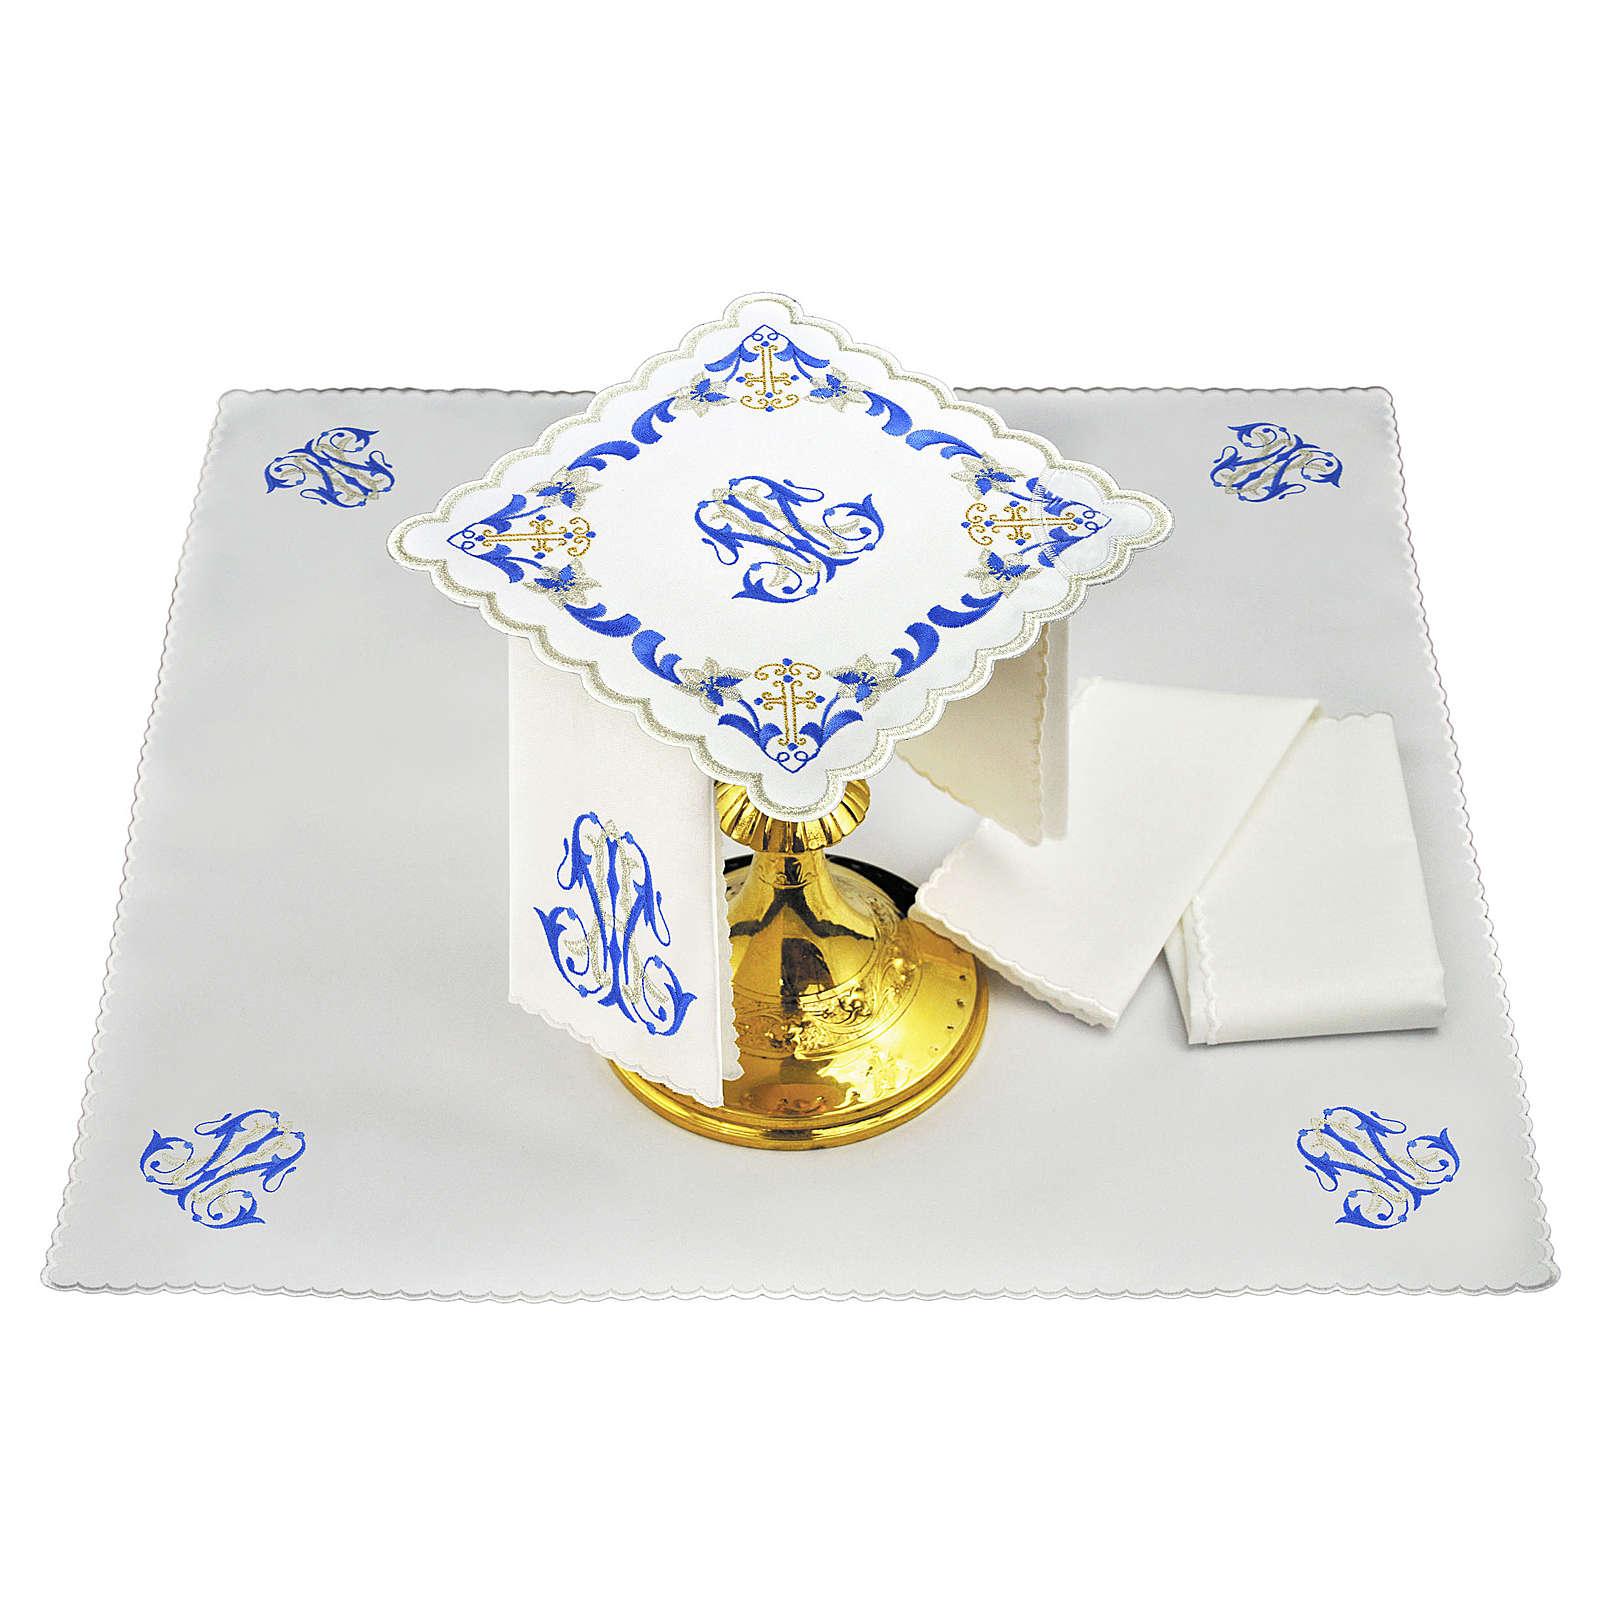 Servicio de altar algodón bordado gris azul Santísimo Nombre de María 4